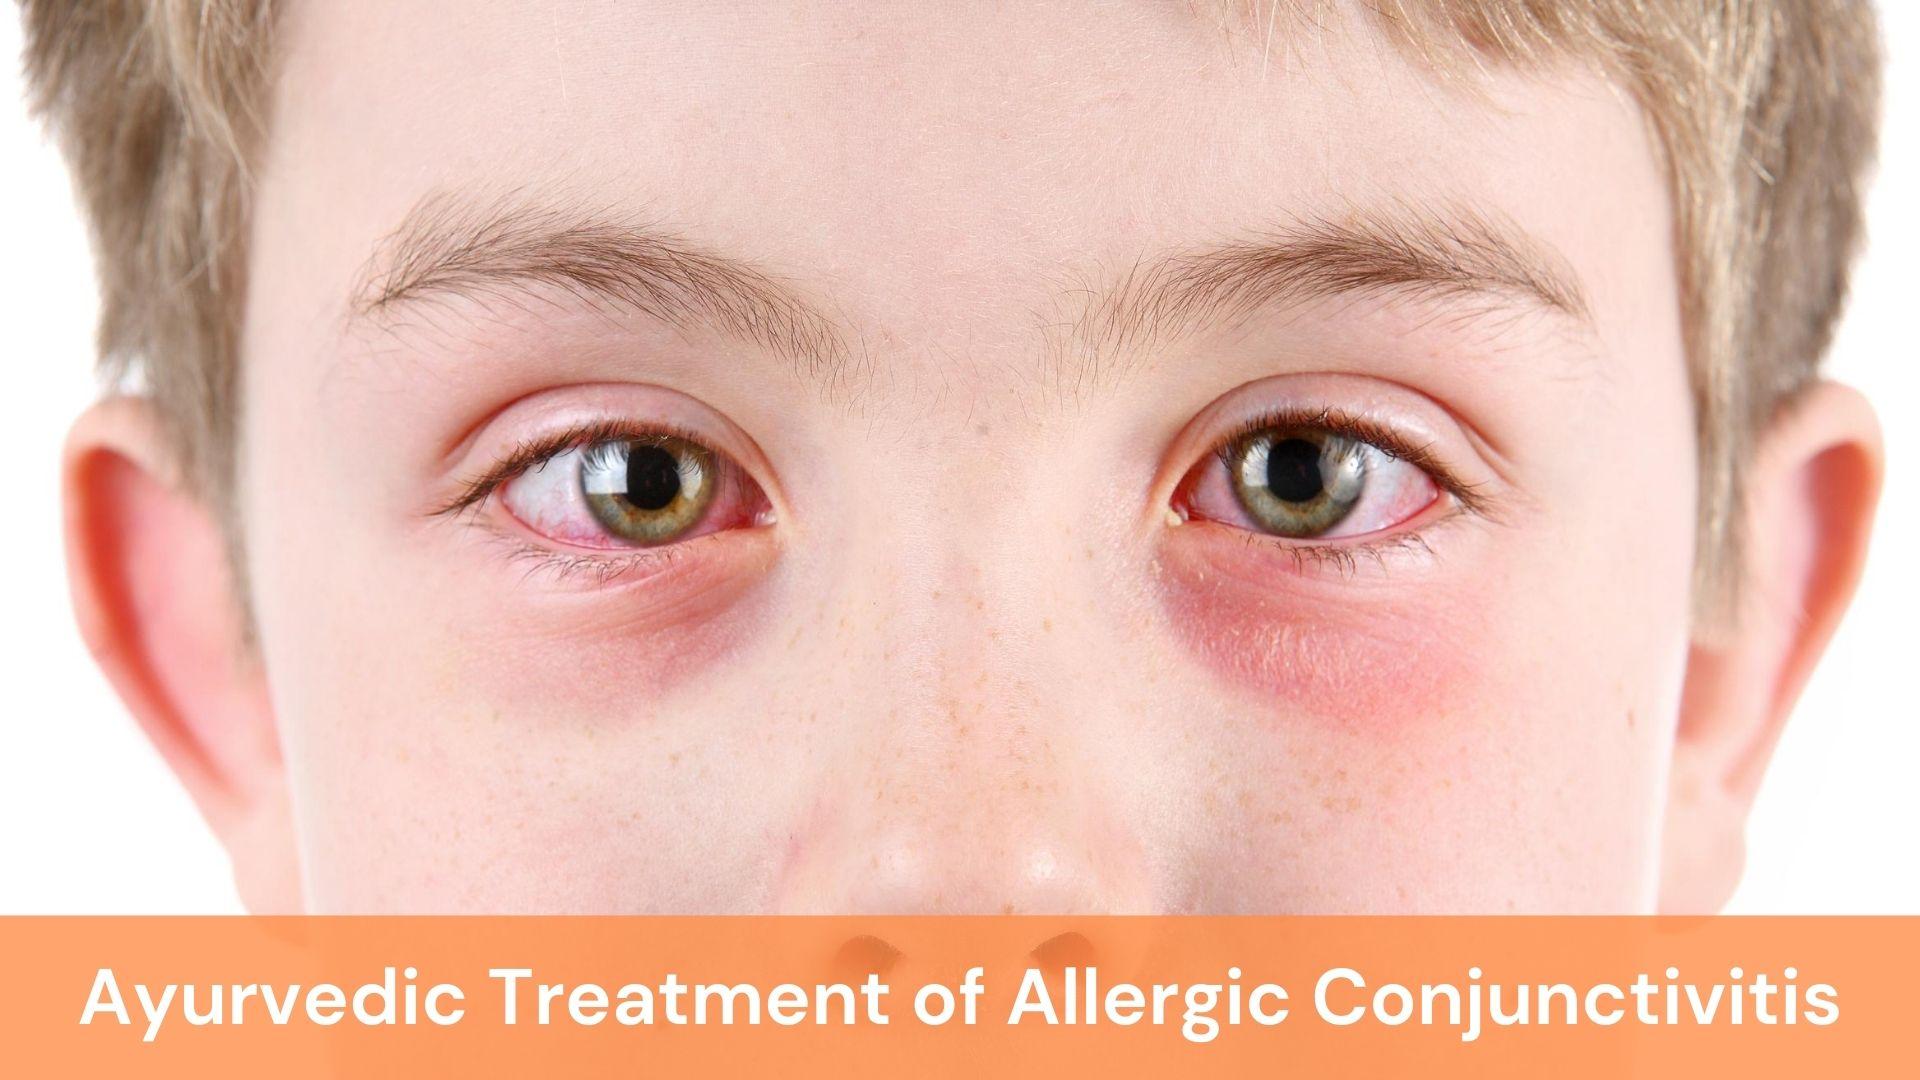 ayurvedic treatment of allergic conjunctivitis